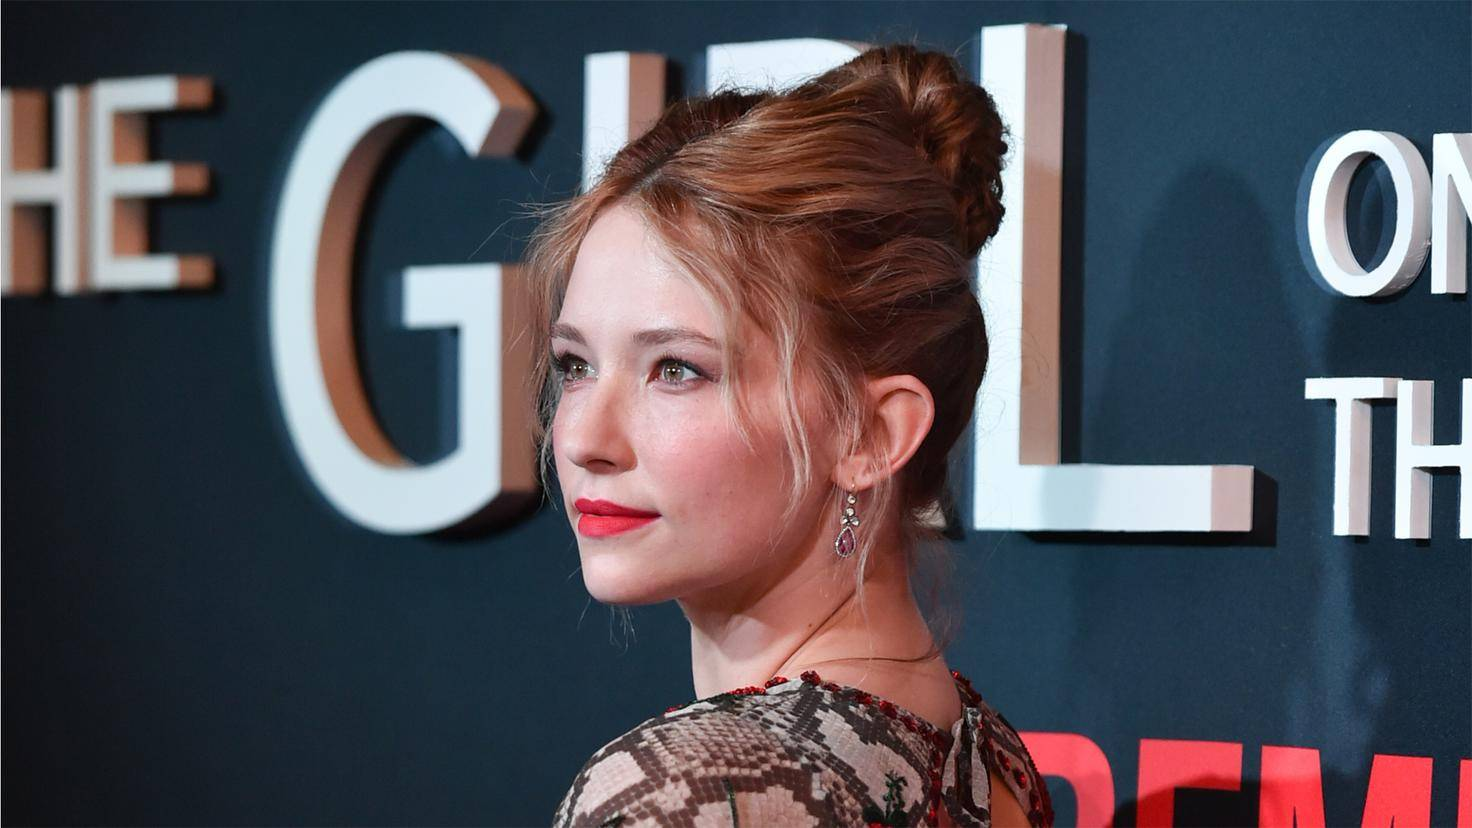 Haley Bennett platziert sich auf der Liste für die besten IMDb-Newcomer sogar auf Platz 2.